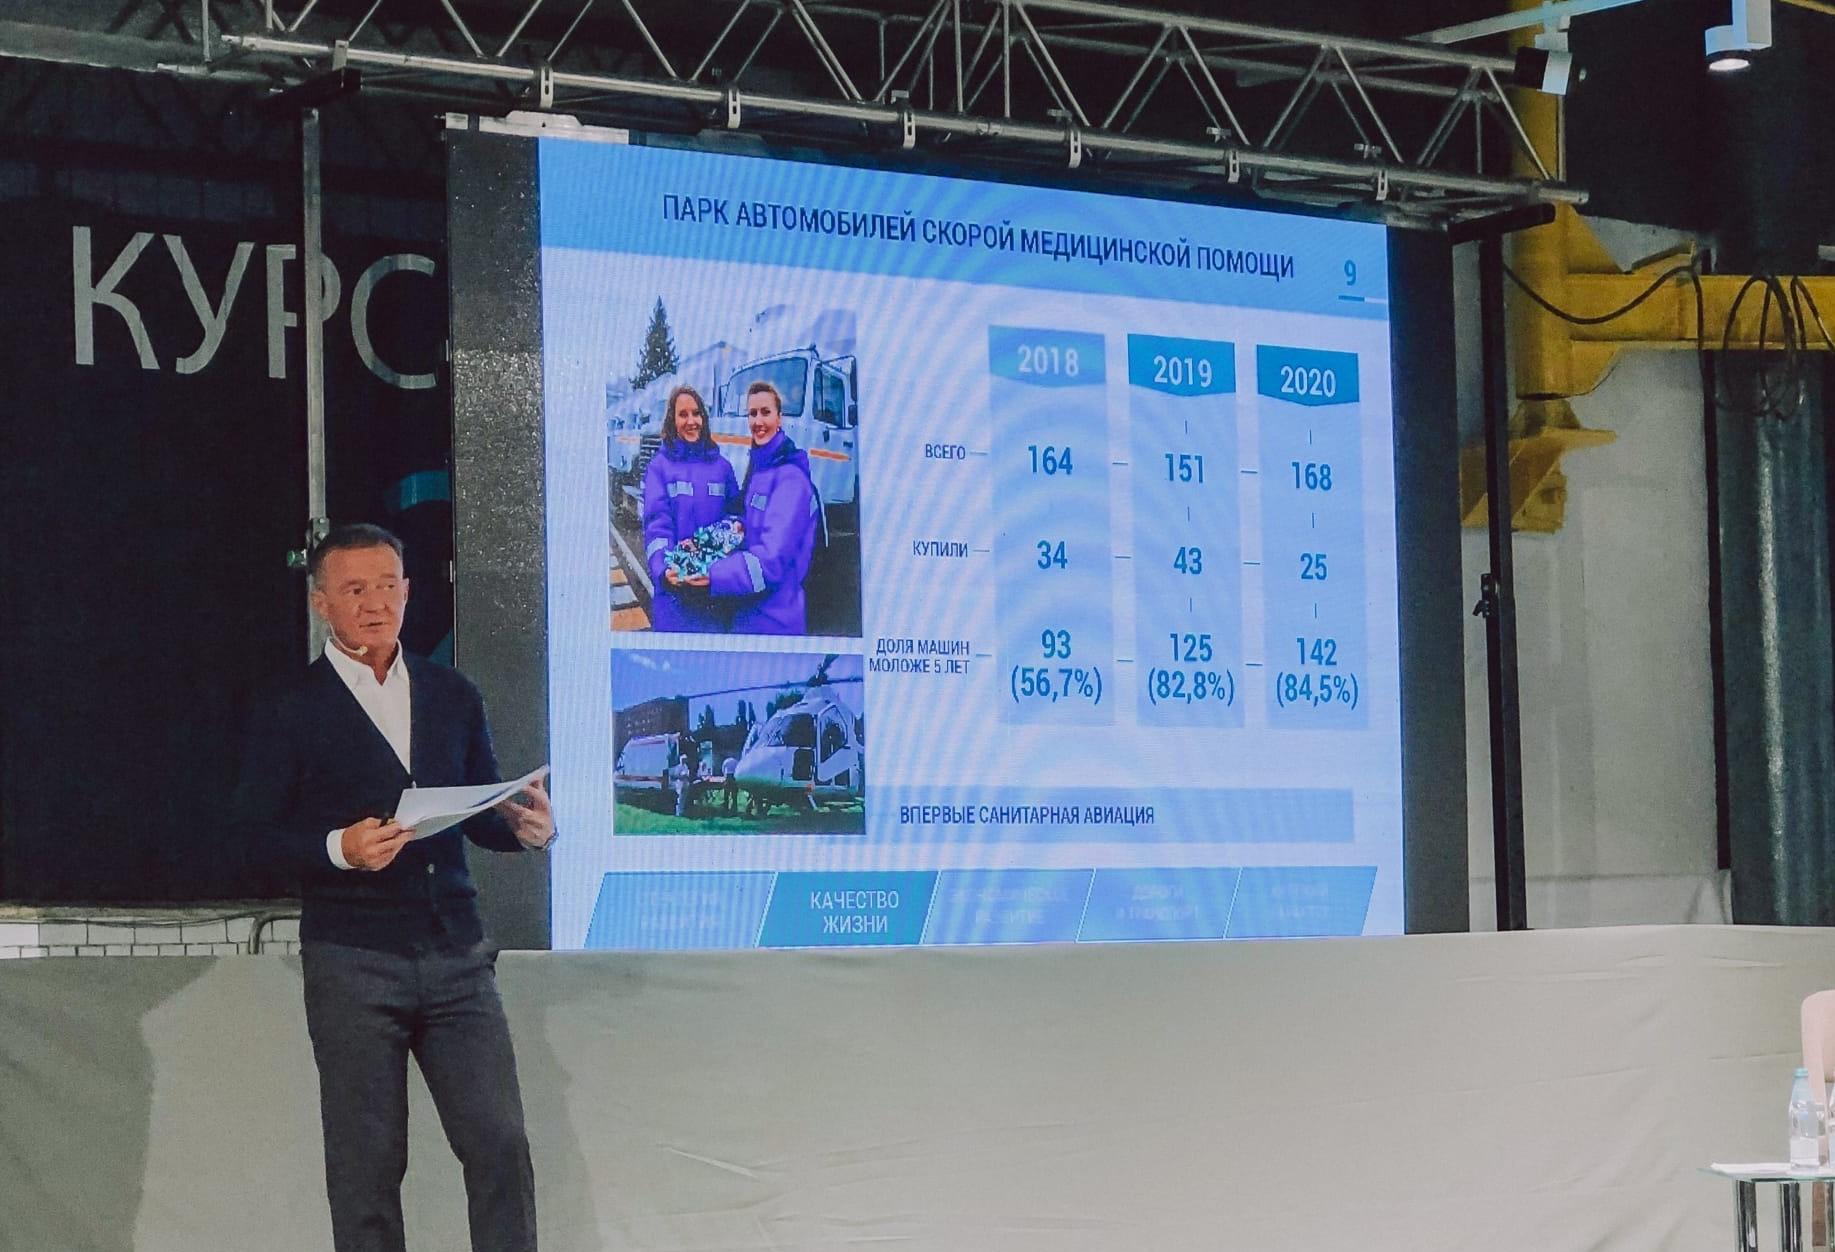 734 дня у власти: Роман Старовойт отчитался о работе, проделанной на посту губернатора Курской области